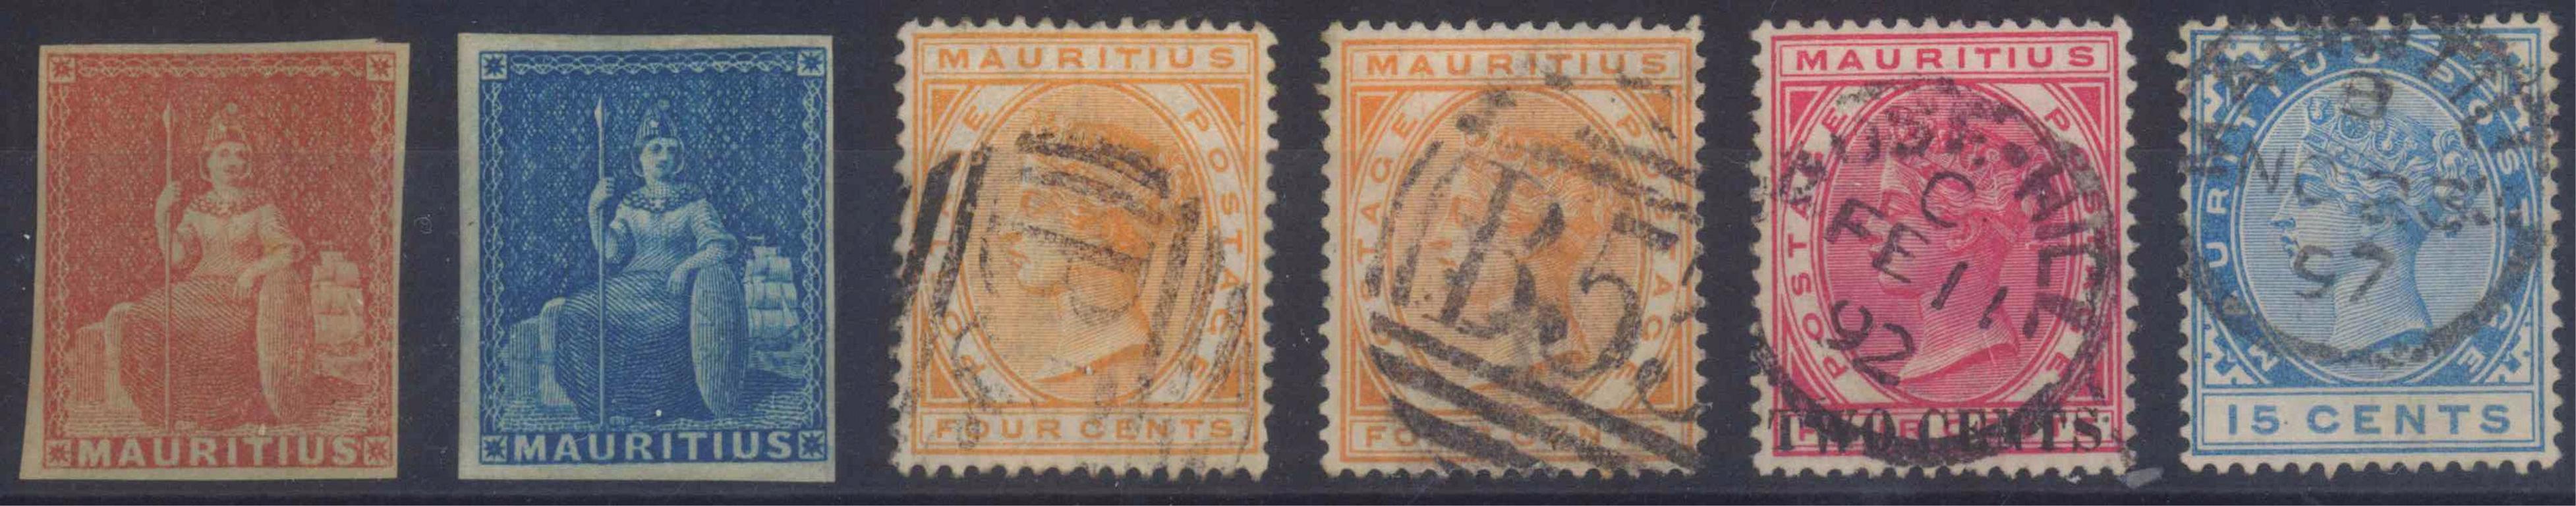 MAURITIUS, klassische Marken ab 1862